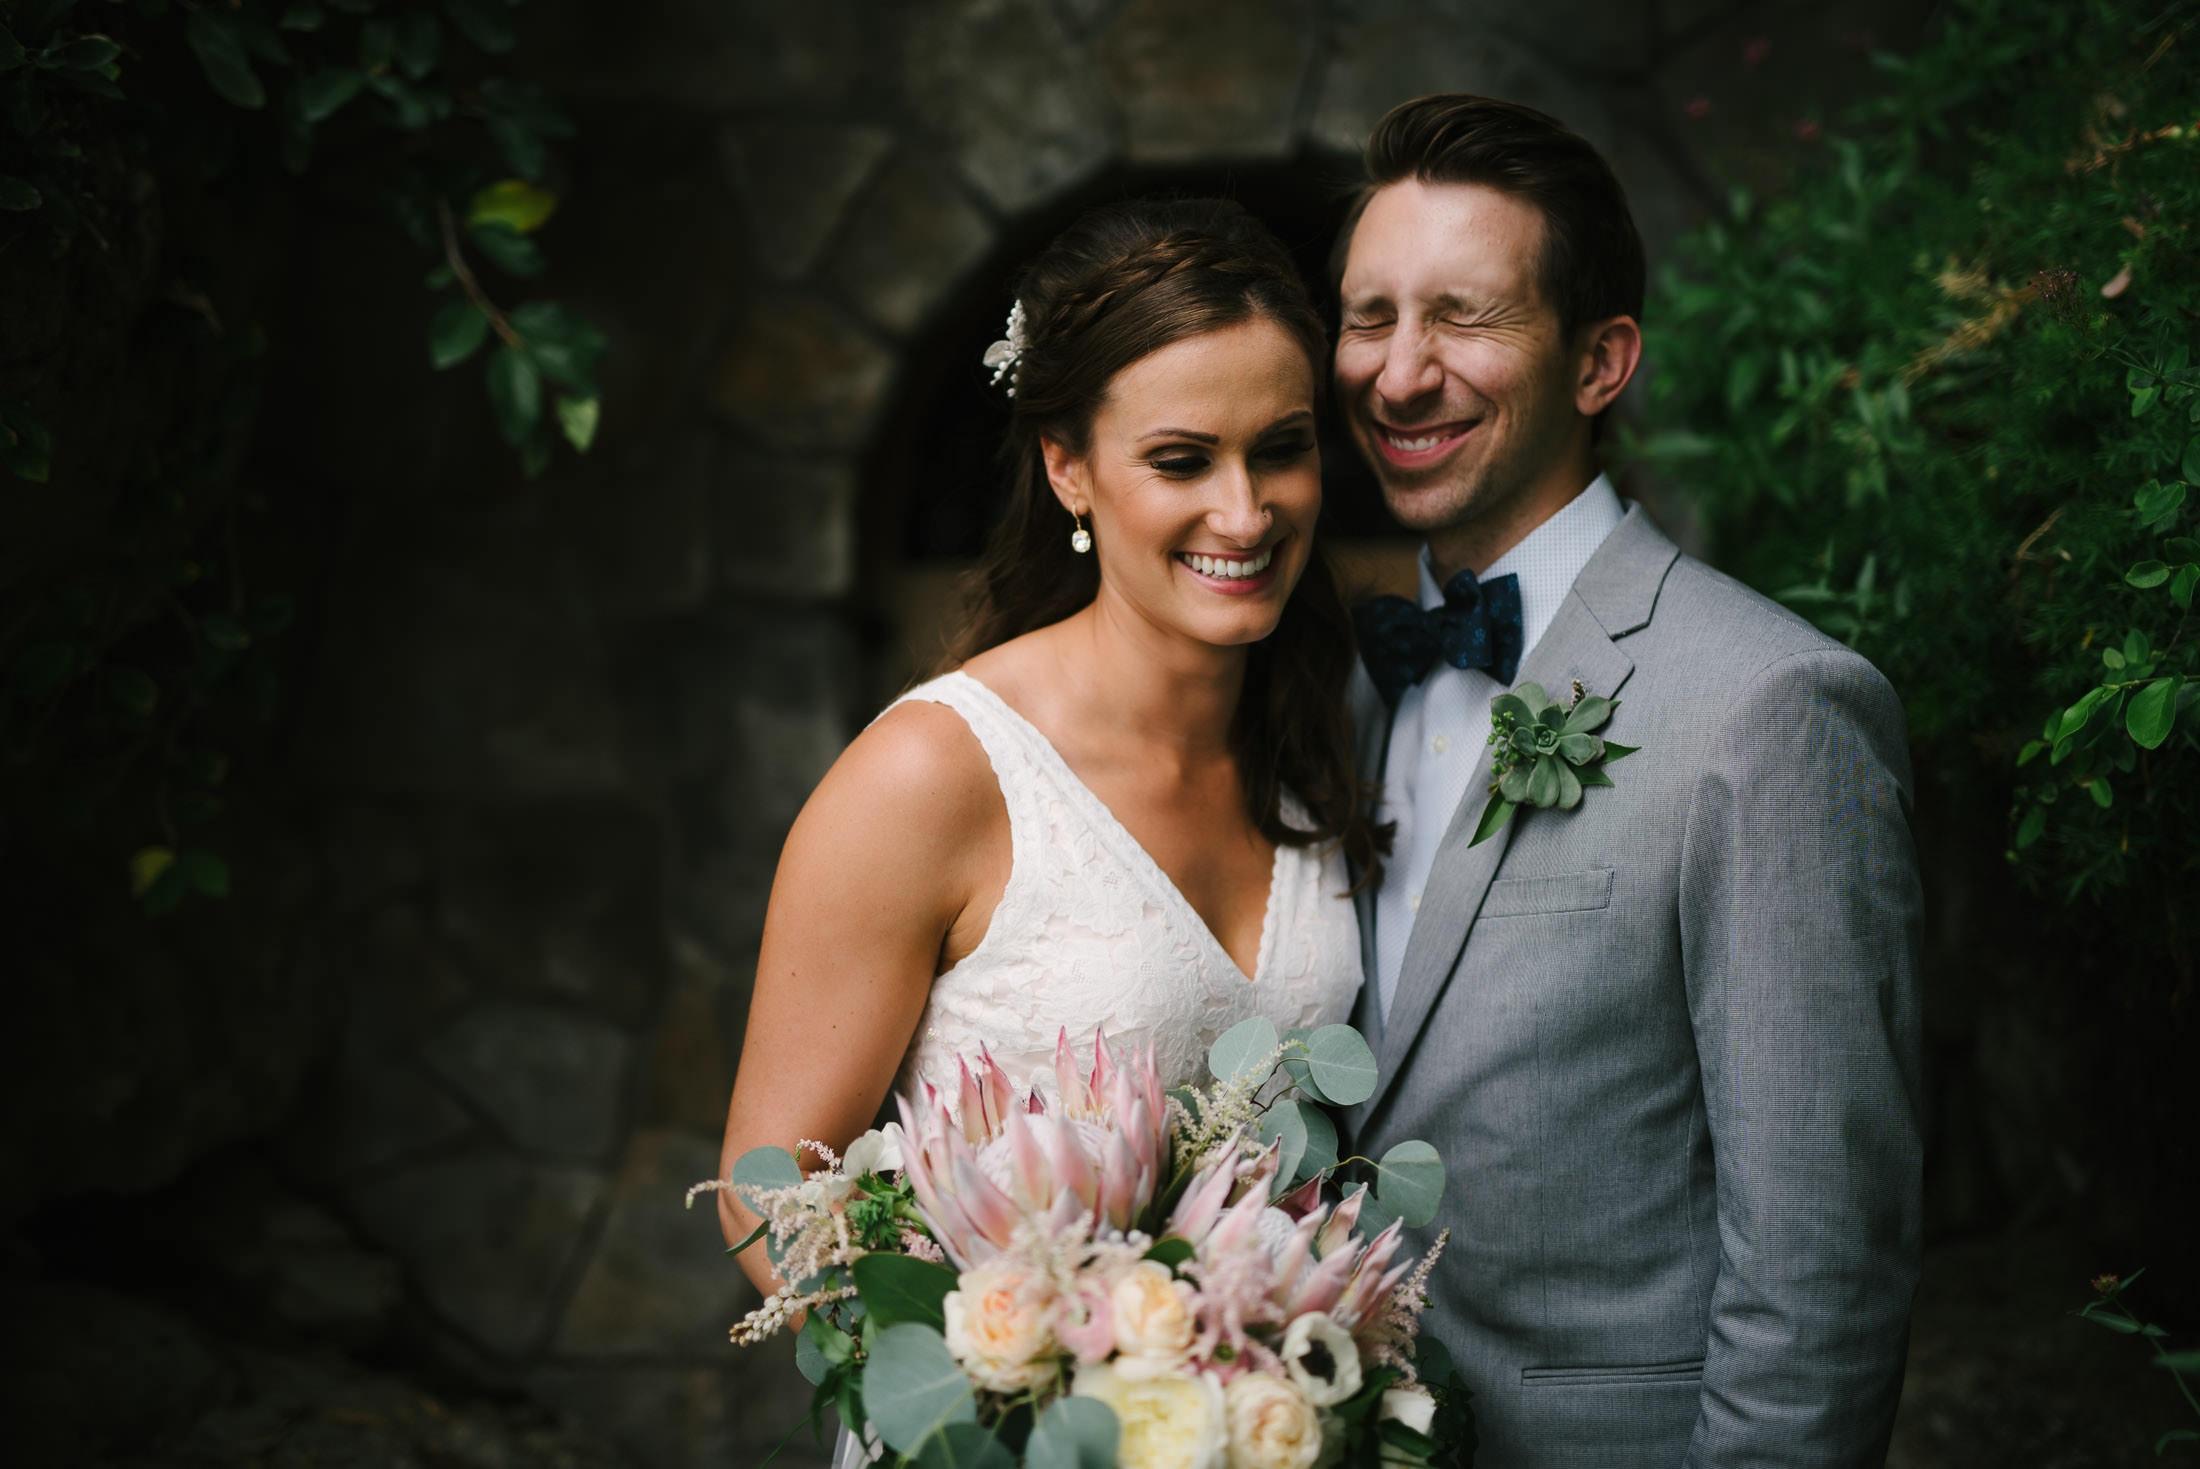 brownstone gardens wedding portrait